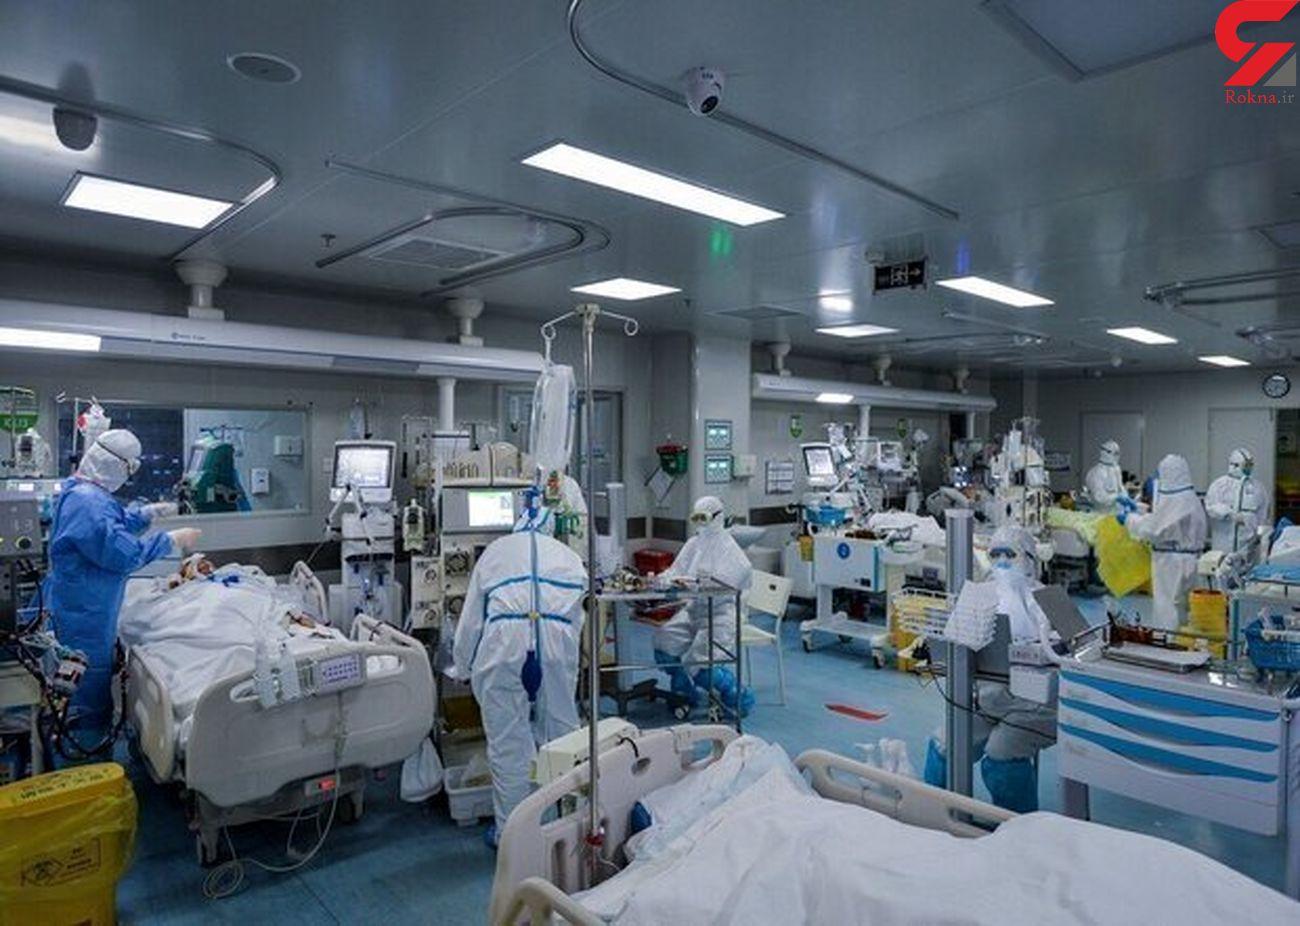 ۱۲۲ بیمار کرونا در بیمارستان های ایلام بستری هستند